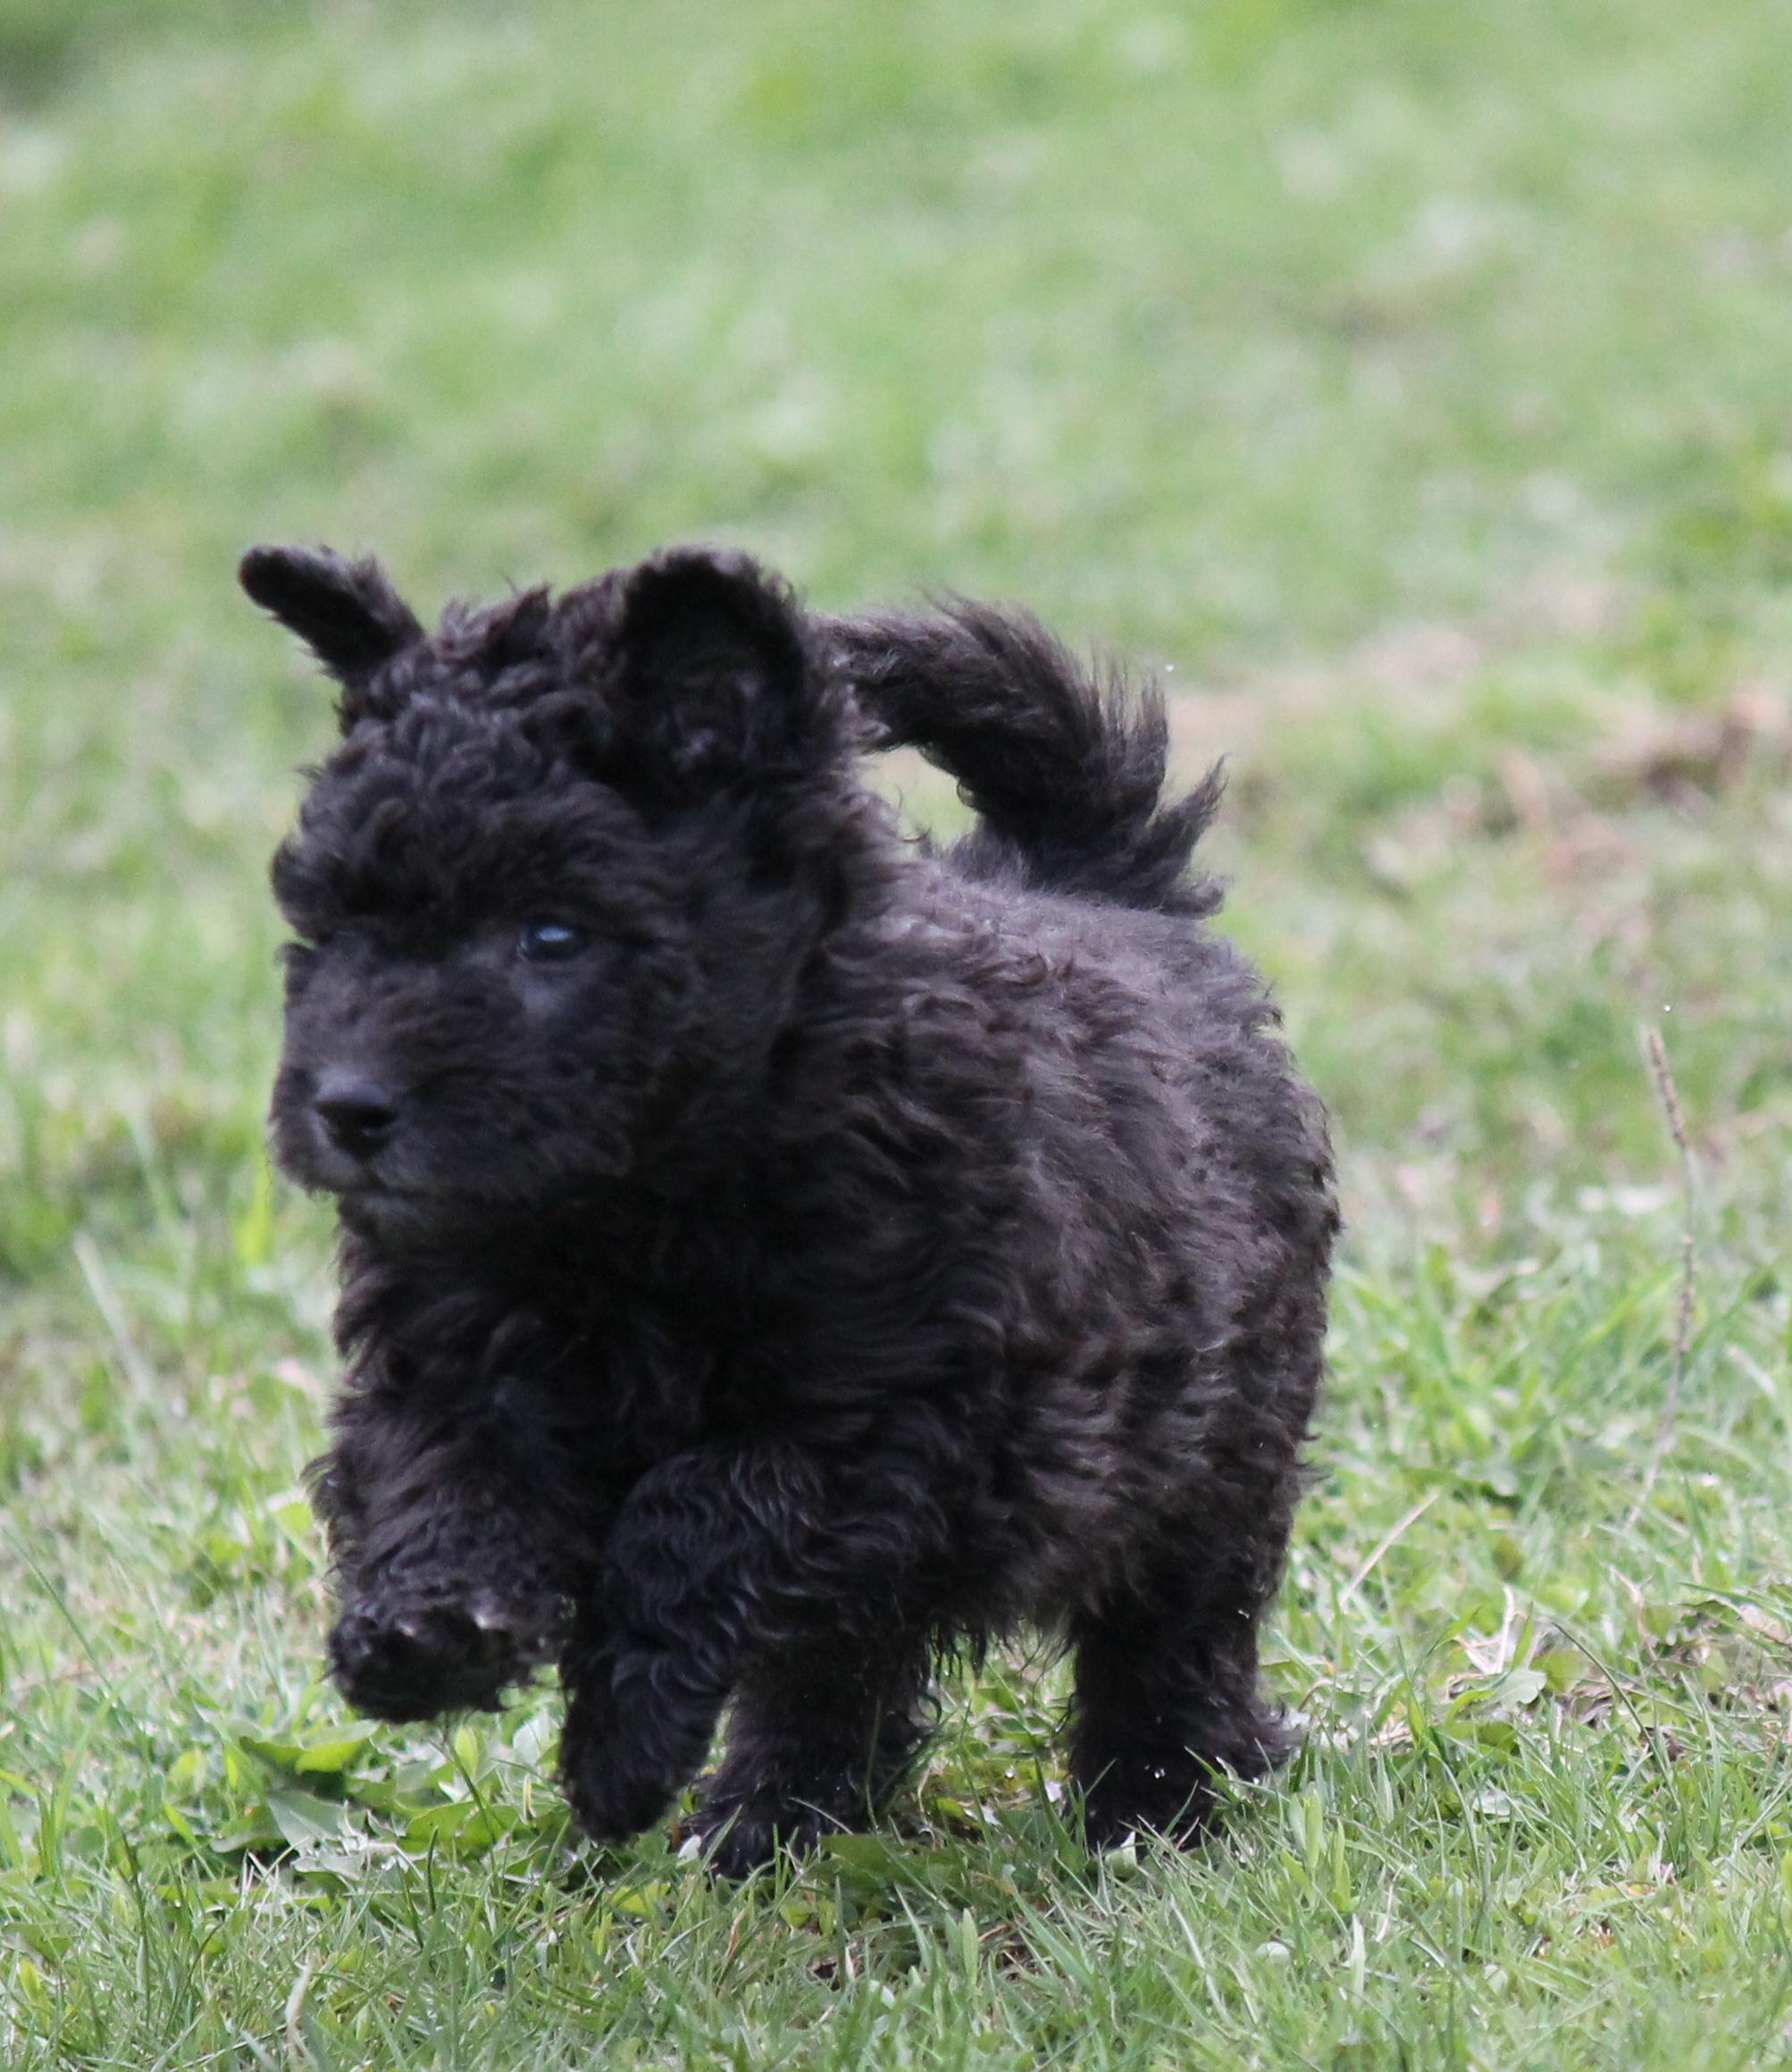 Pumi Puppies: Pumi Puppies Breed